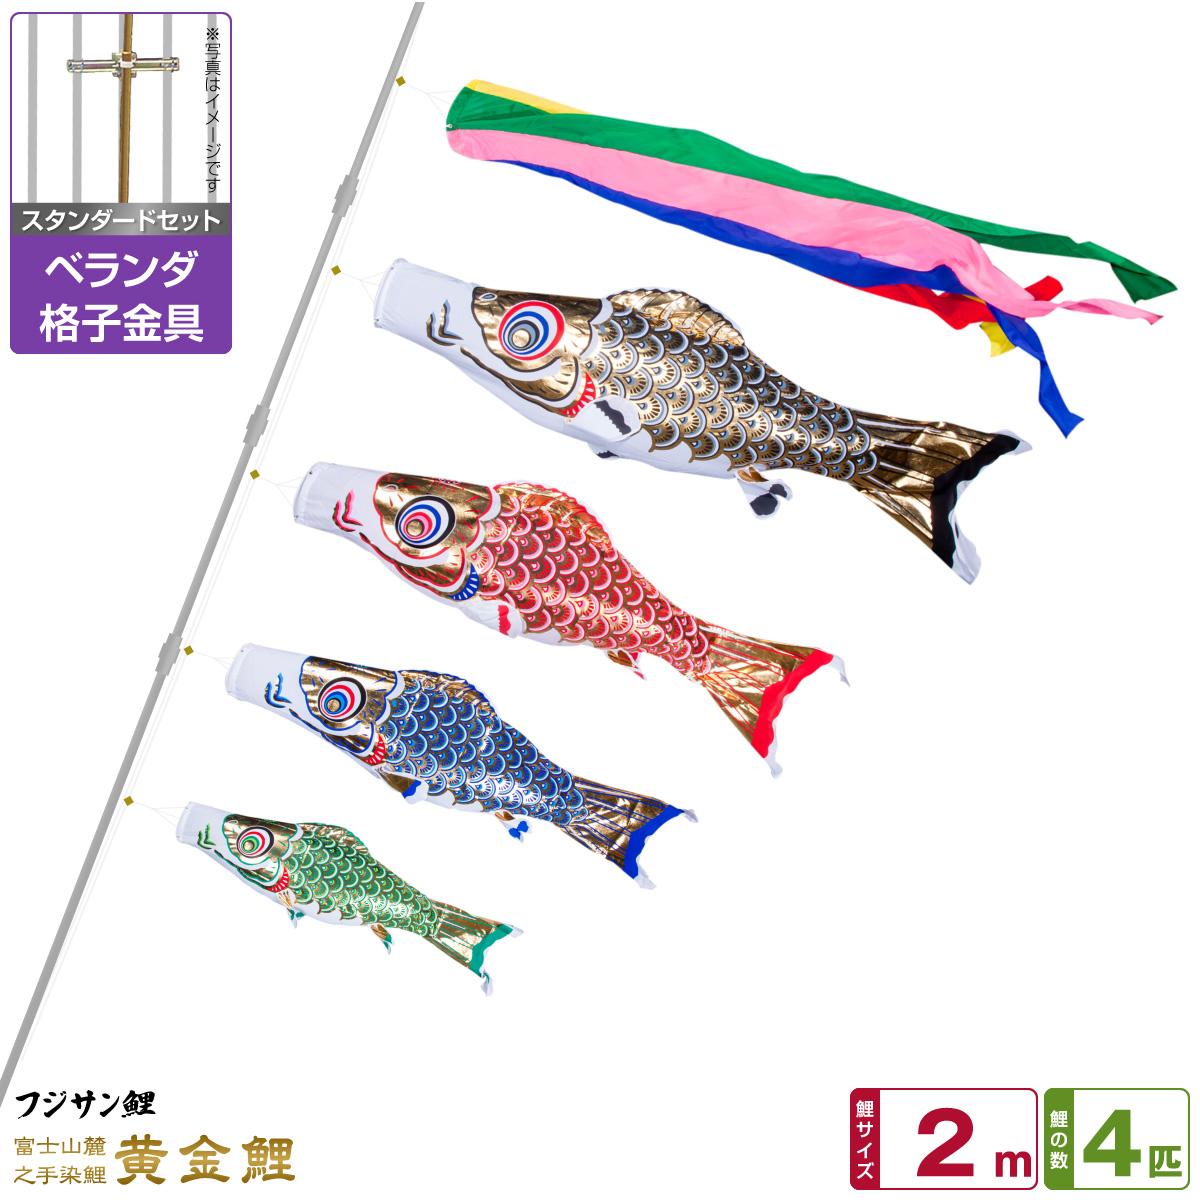 ベランダ用 こいのぼり 鯉のぼり フジサン鯉 黄金鯉 2m 7点(吹流し+鯉4匹+矢車+ロープ)/スタンダードセット(格子金具)